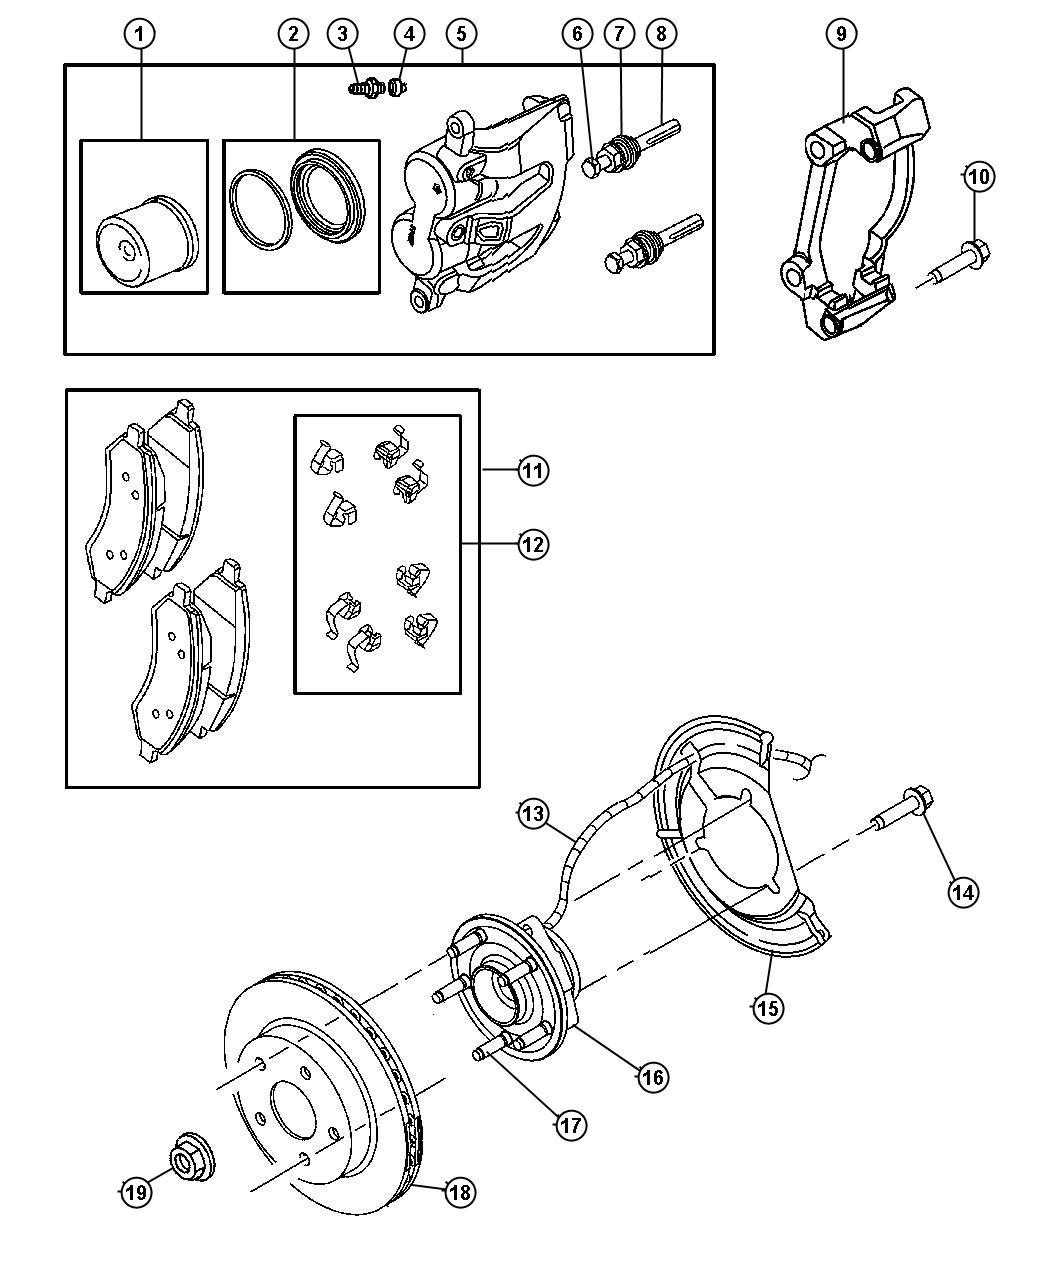 Chrysler Aspen Used For Hub And Bearing Brake Front